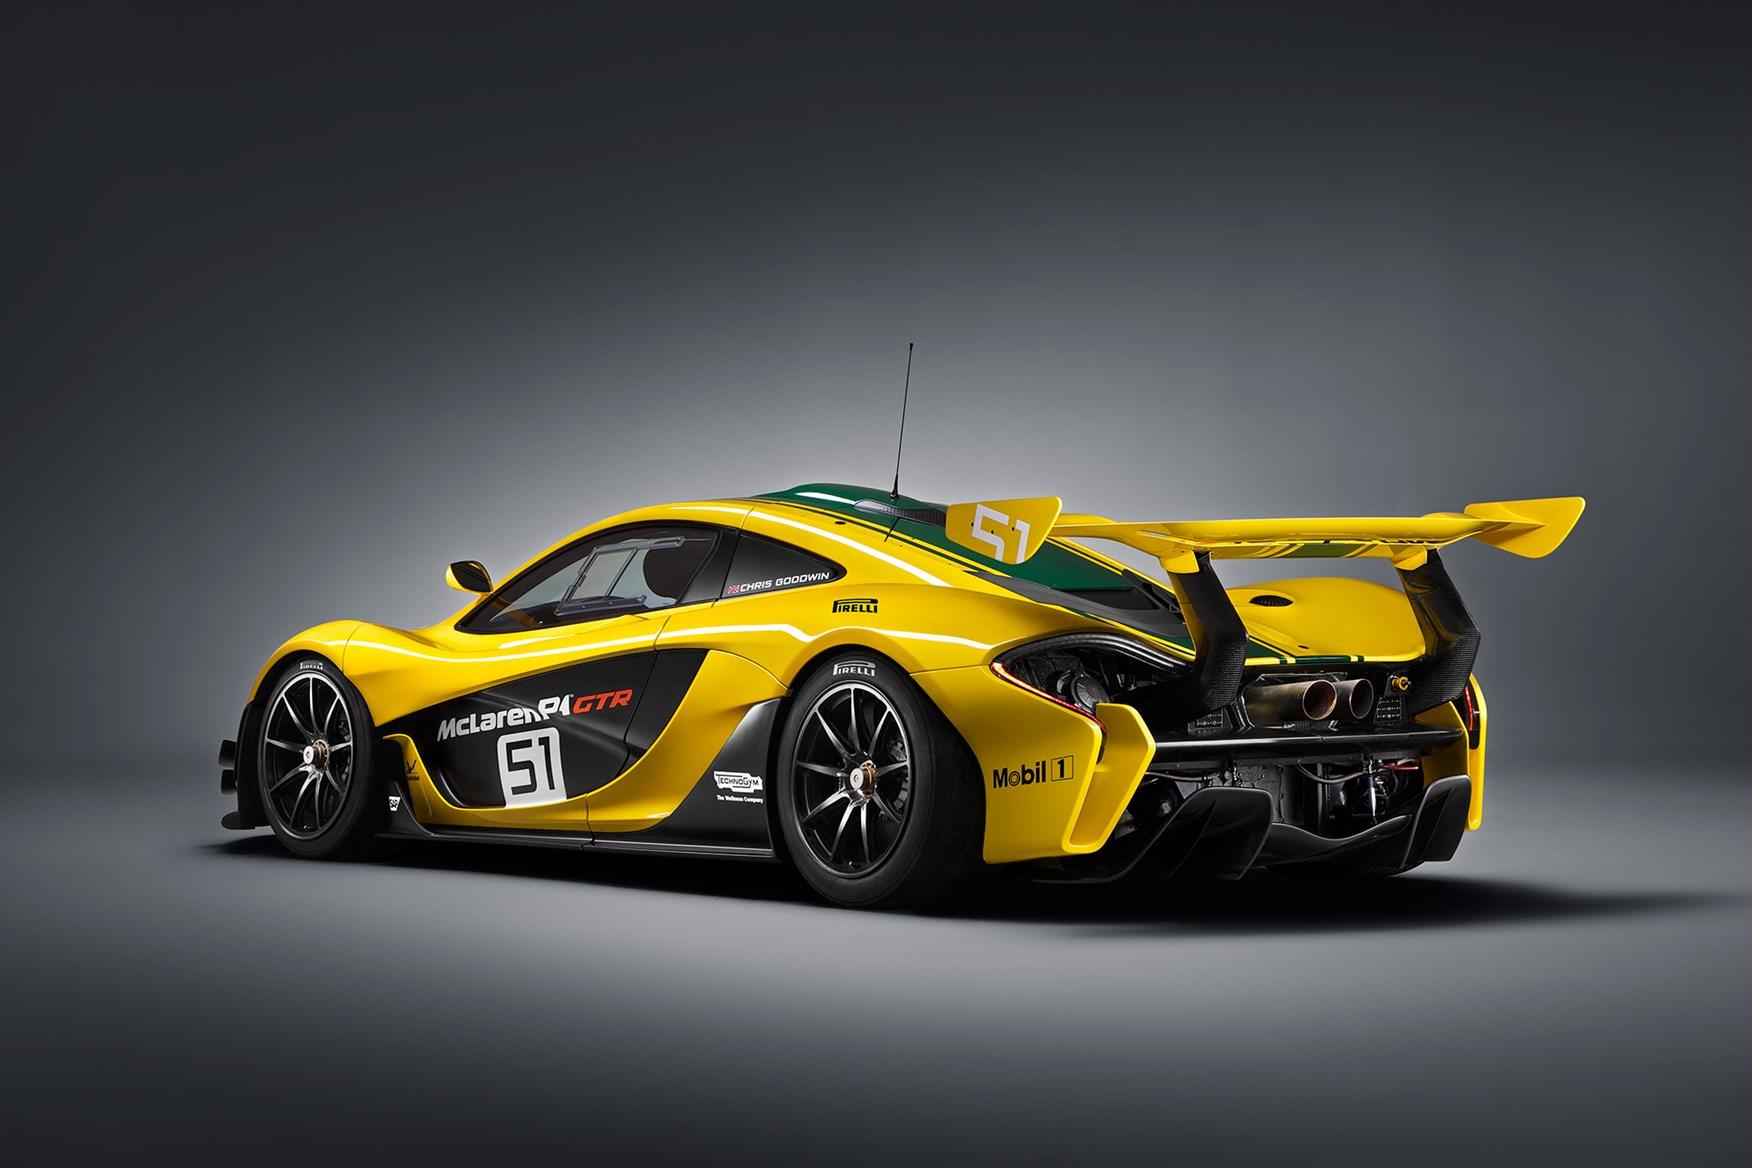 Spoiler Alert High Wings Forecast For 2015 Geneva Motor Show Car